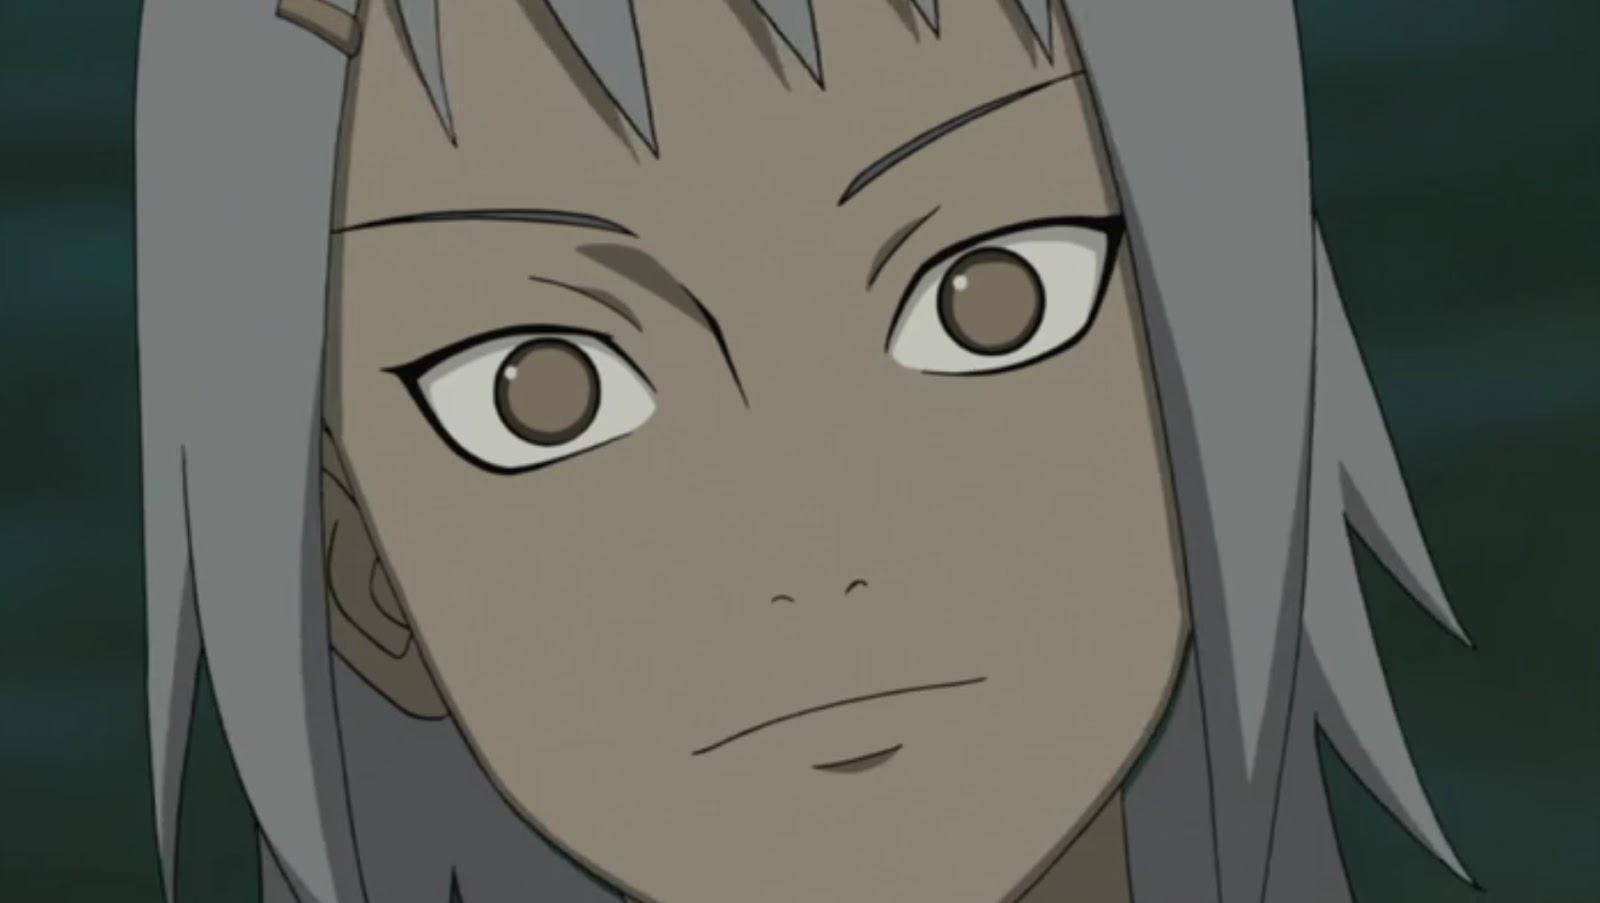 Naruto Shippuden Episódio 398, Assistir Naruto Shippuden Episódio 398, Assistir Naruto Shippuden Todos os Episódios Legendado, Naruto Shippuden episódio 398,HD